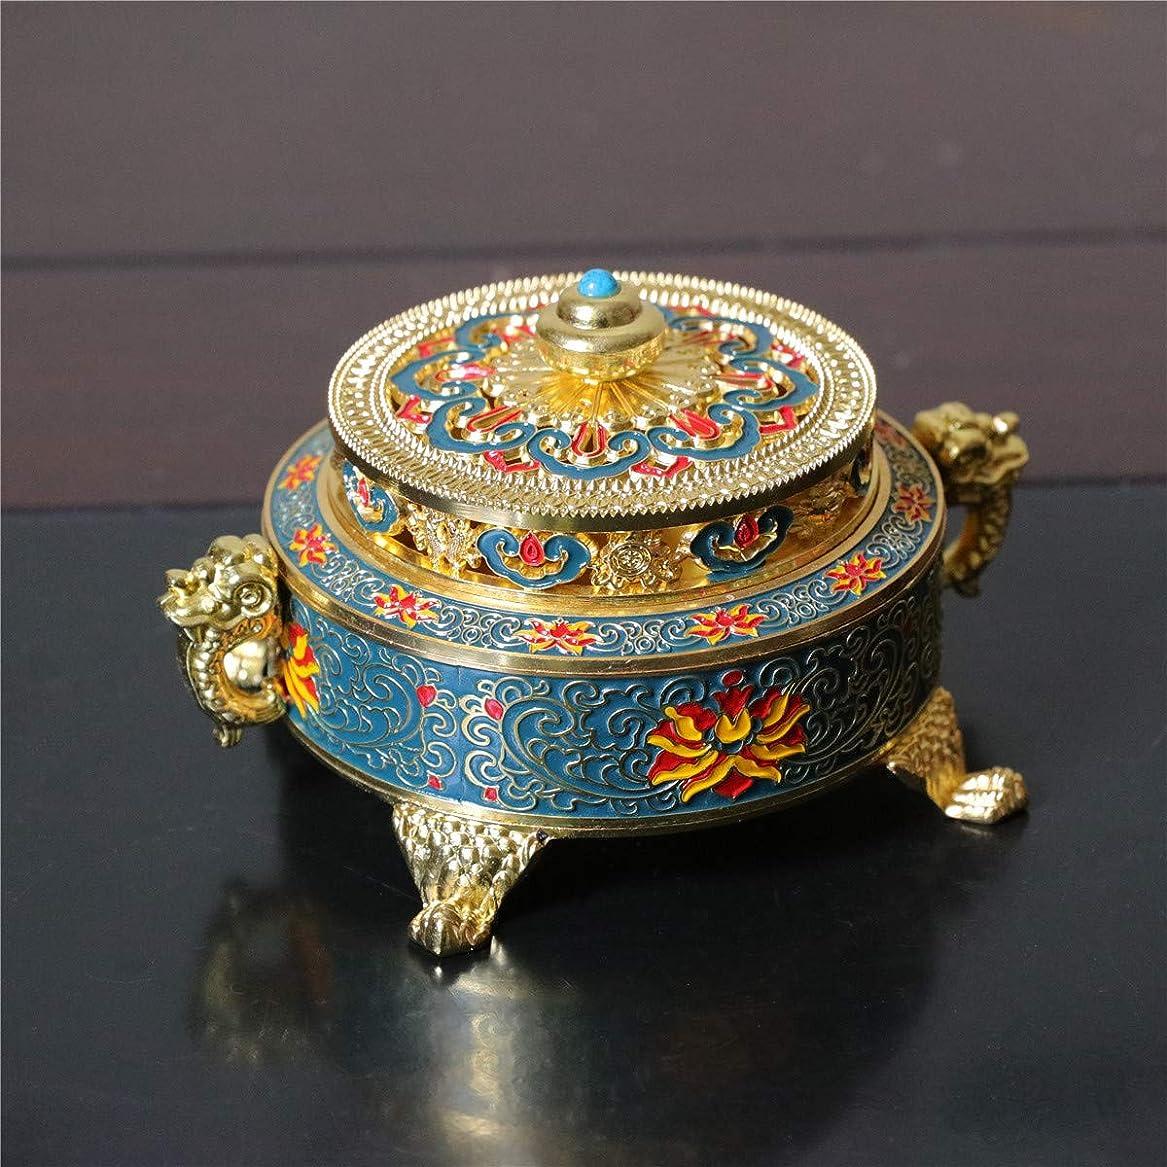 山積みの汚すマウントPHILOGOD 香炉 美しく印刷渦巻き線香 香立て 仏壇用 香皿 (Blue Enamel)